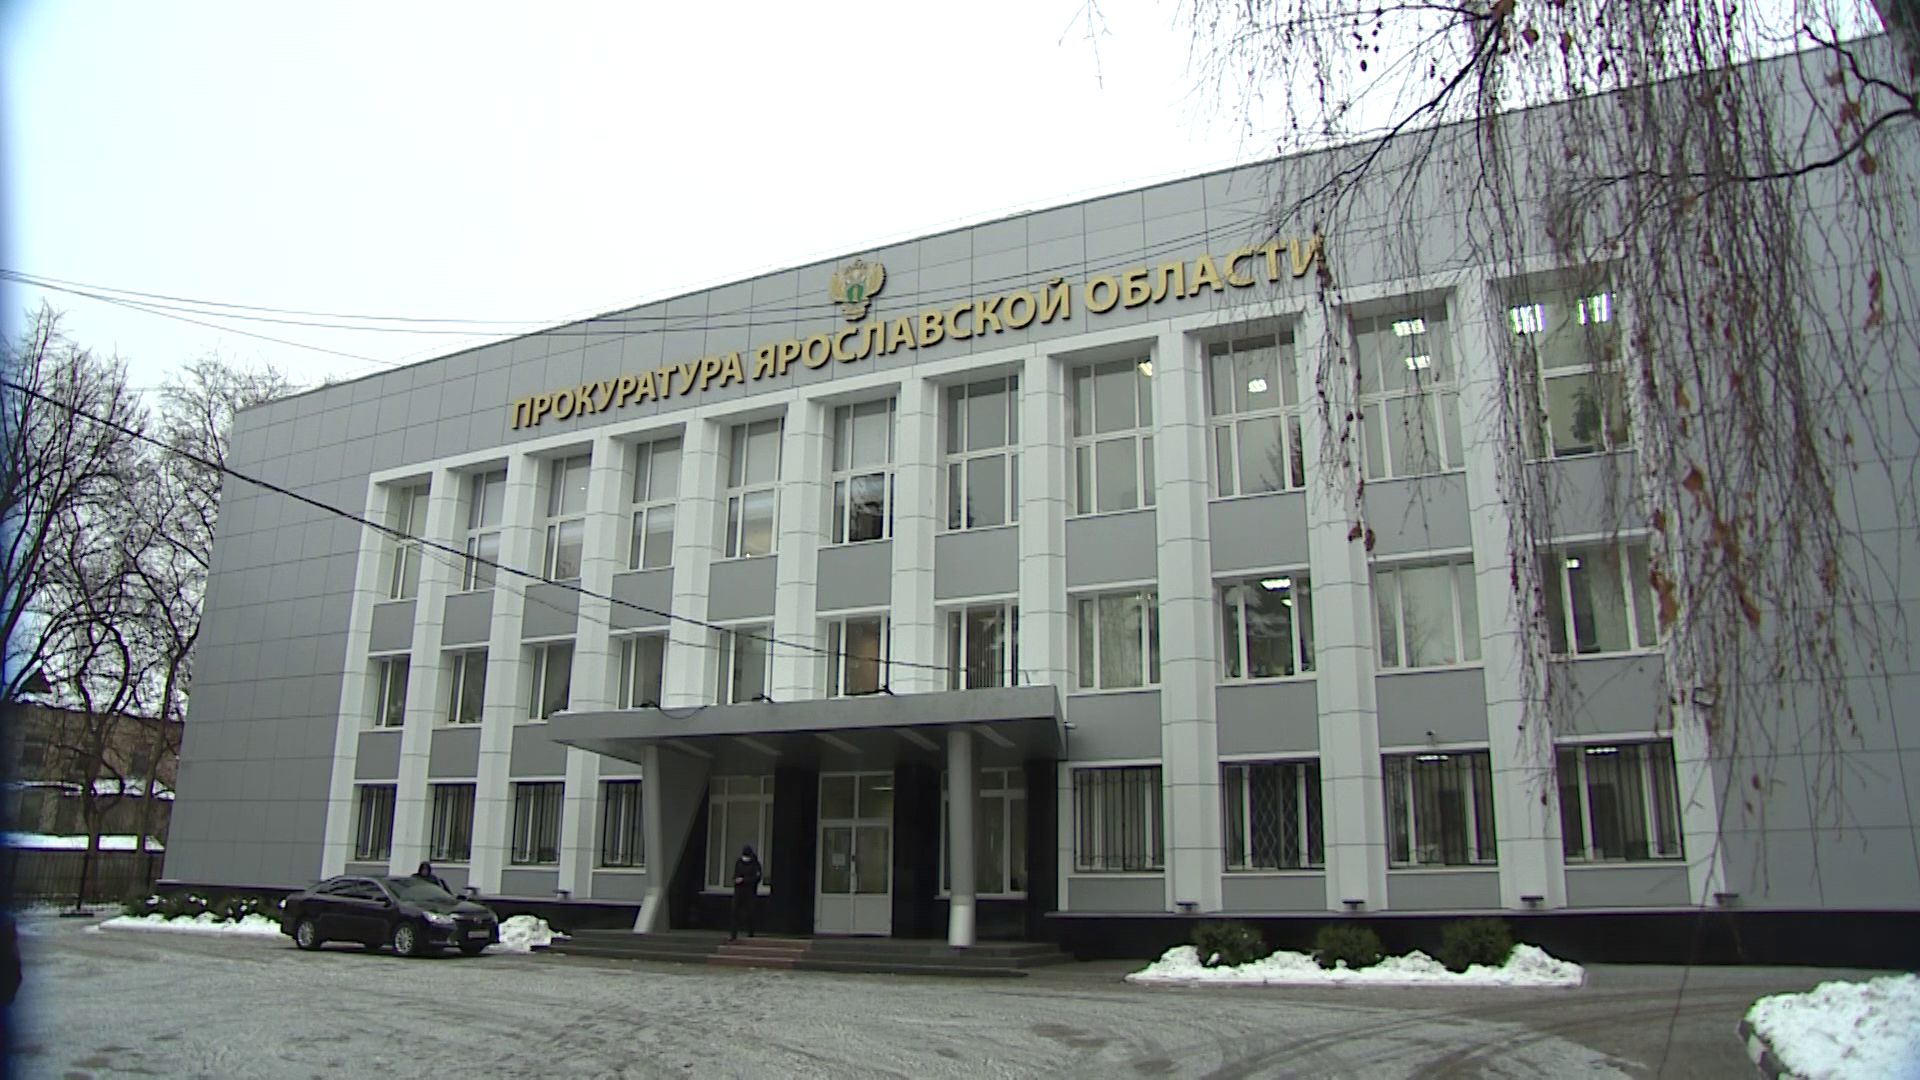 Прокуратура Заволжского района направила дело по обвинению ярославца в мировой суд